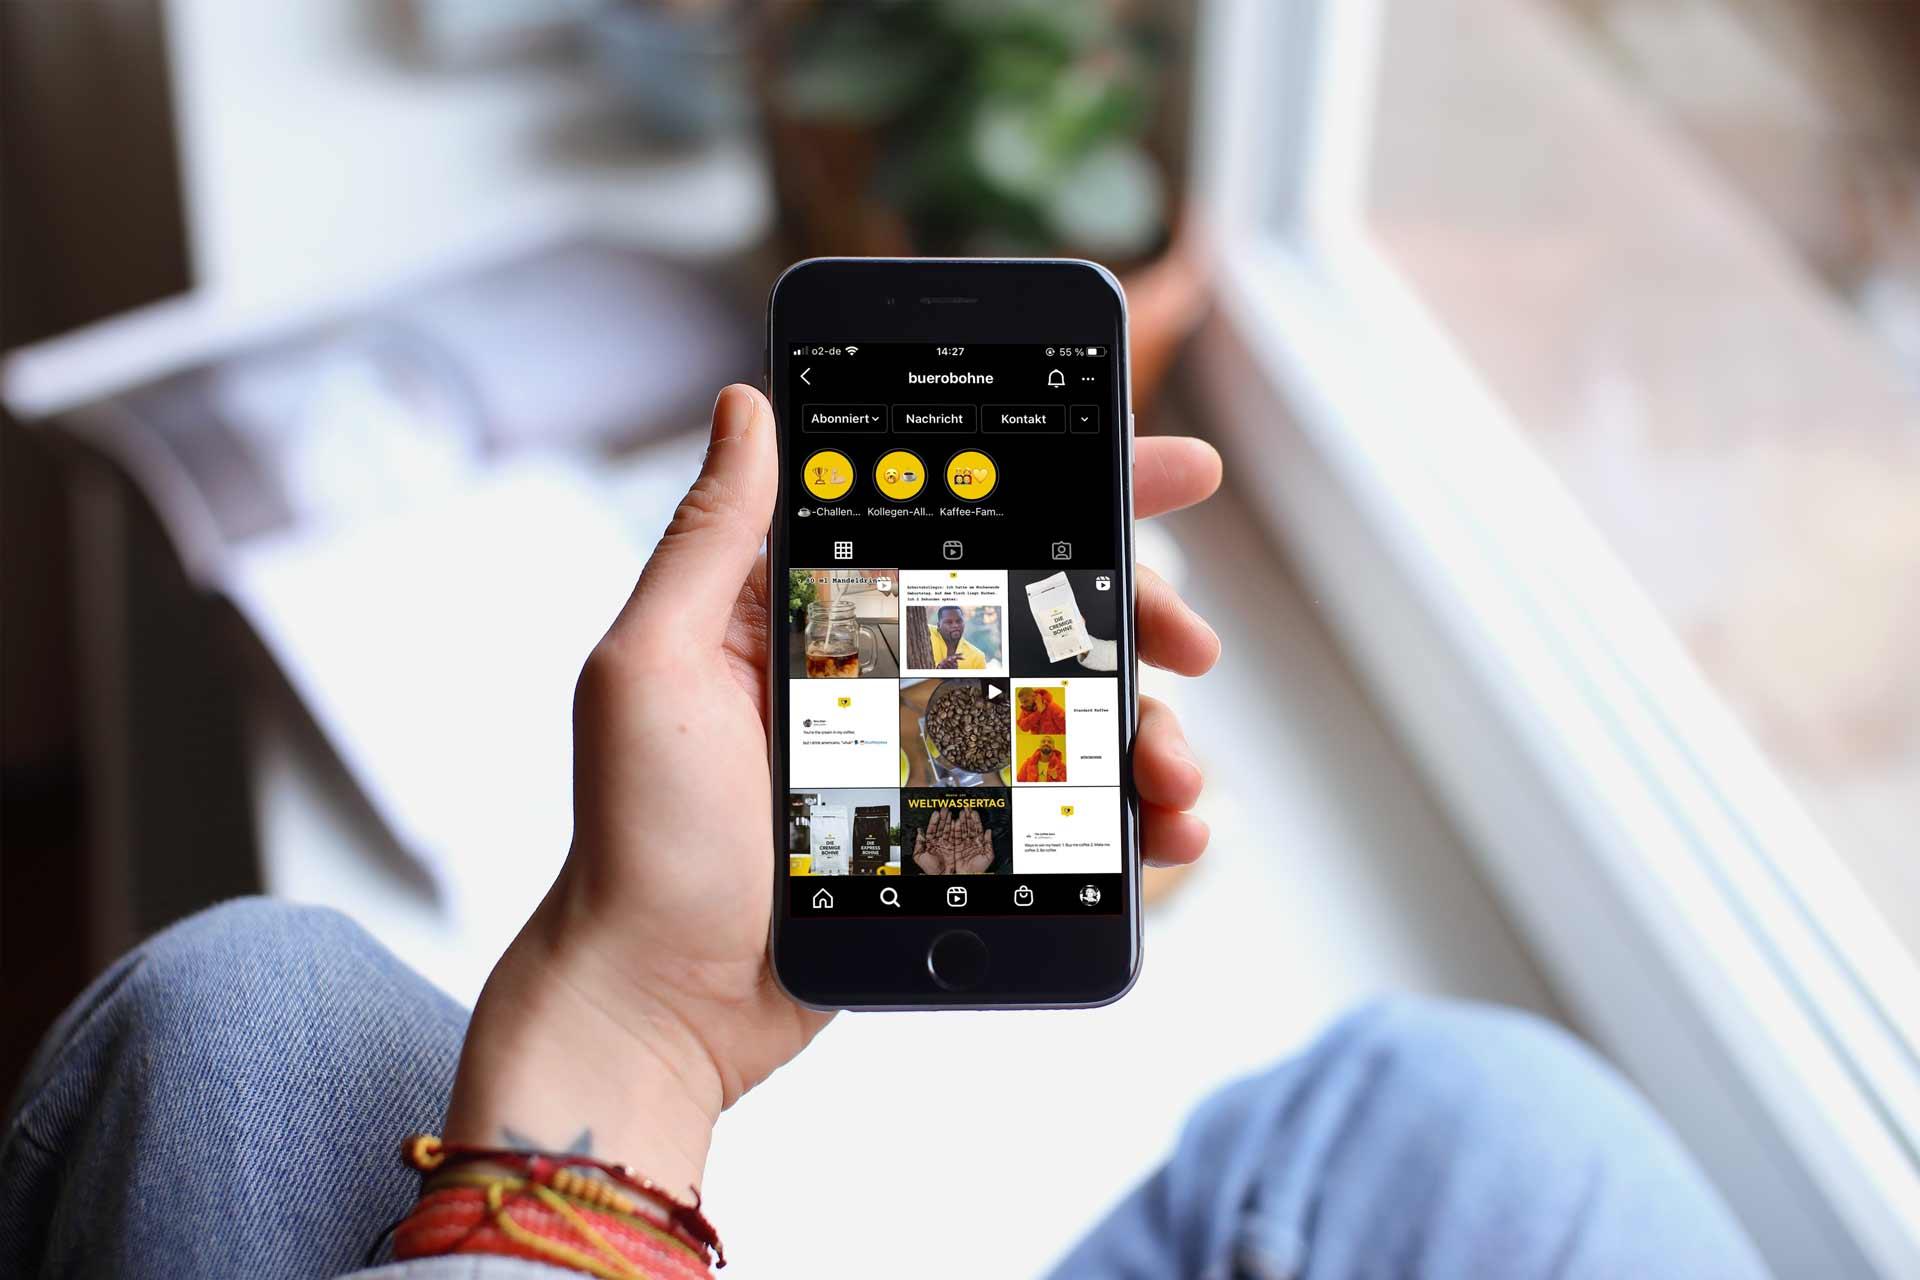 Perosn hält ein Mobilgerät in der Hand, auf welchem die Social Media Präsenz dargestellt ist.